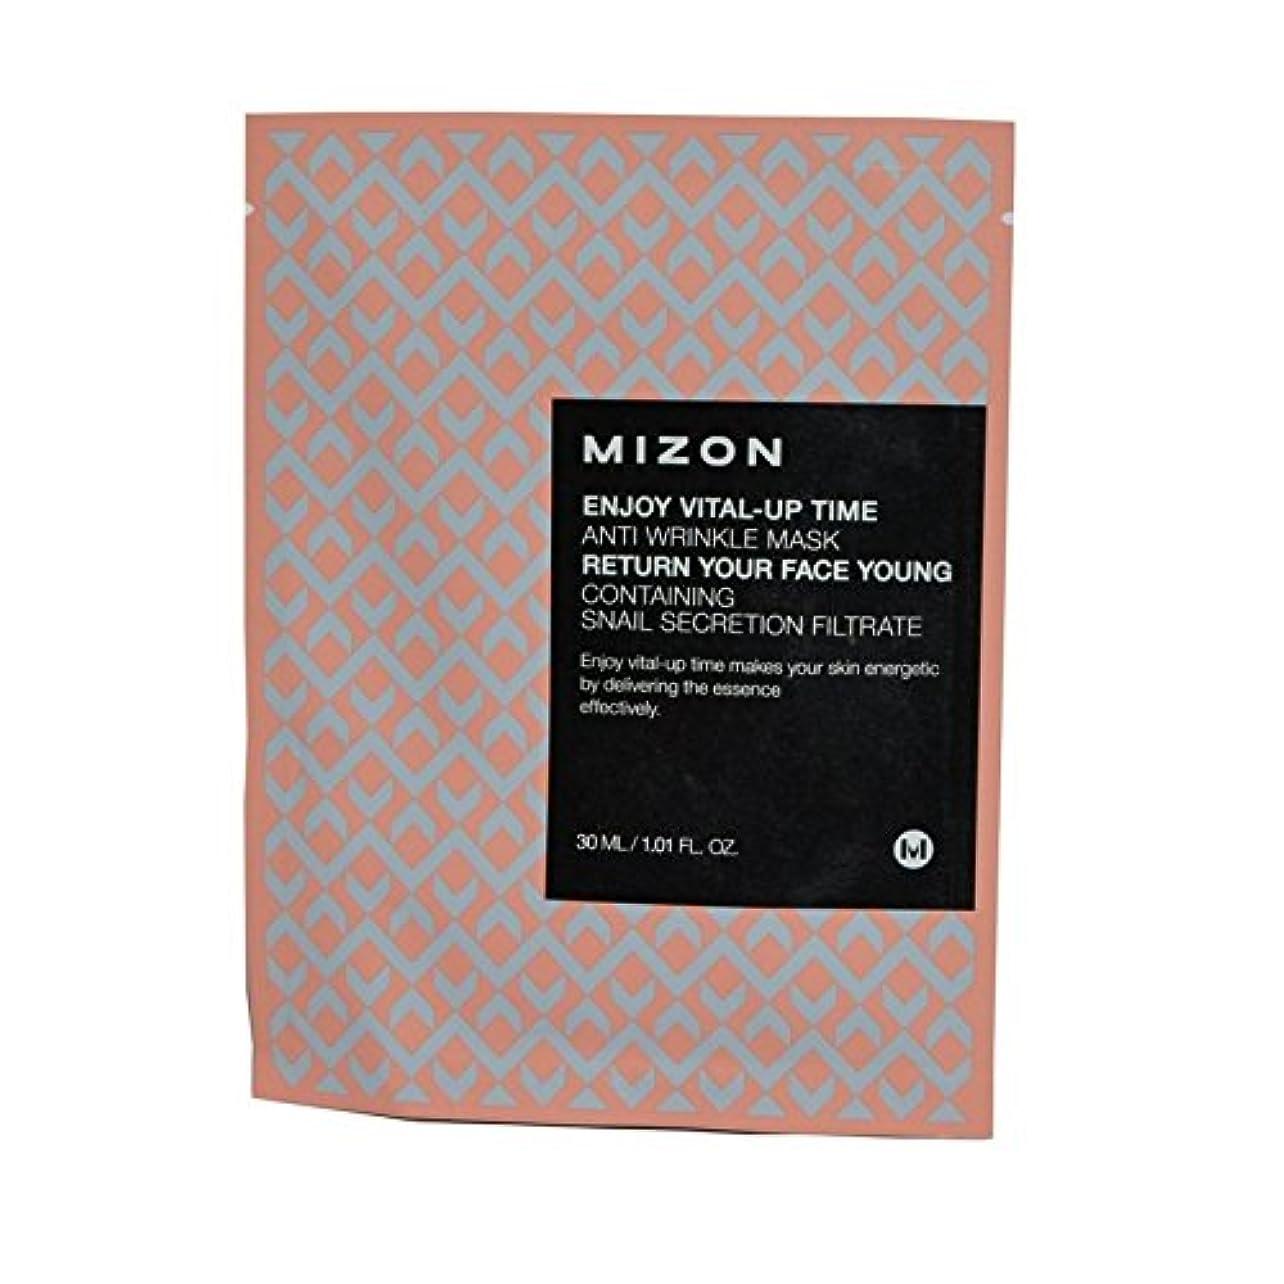 オークションゆり蛾Mizon Enjoy Vital Up Time Anti-Wrinkle Mask (Pack of 6) - が不可欠アップ時間抗しわマスクを楽しみます x6 [並行輸入品]